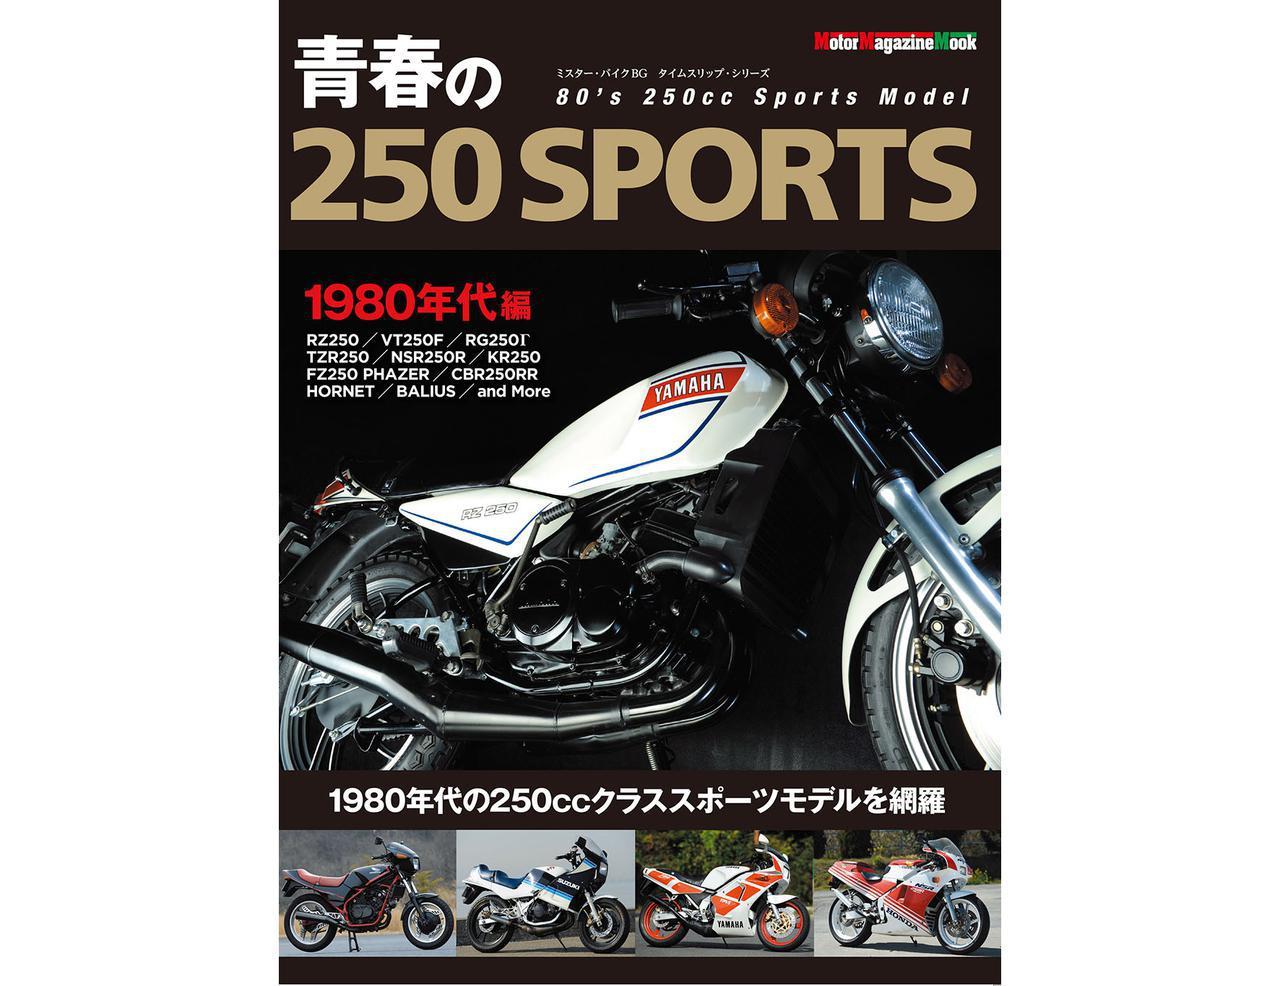 画像: 『青春の250SPORTS 1980年代編』好評発売中! 熱い時代の250ccスポーツモデルを徹底解説 - webオートバイ